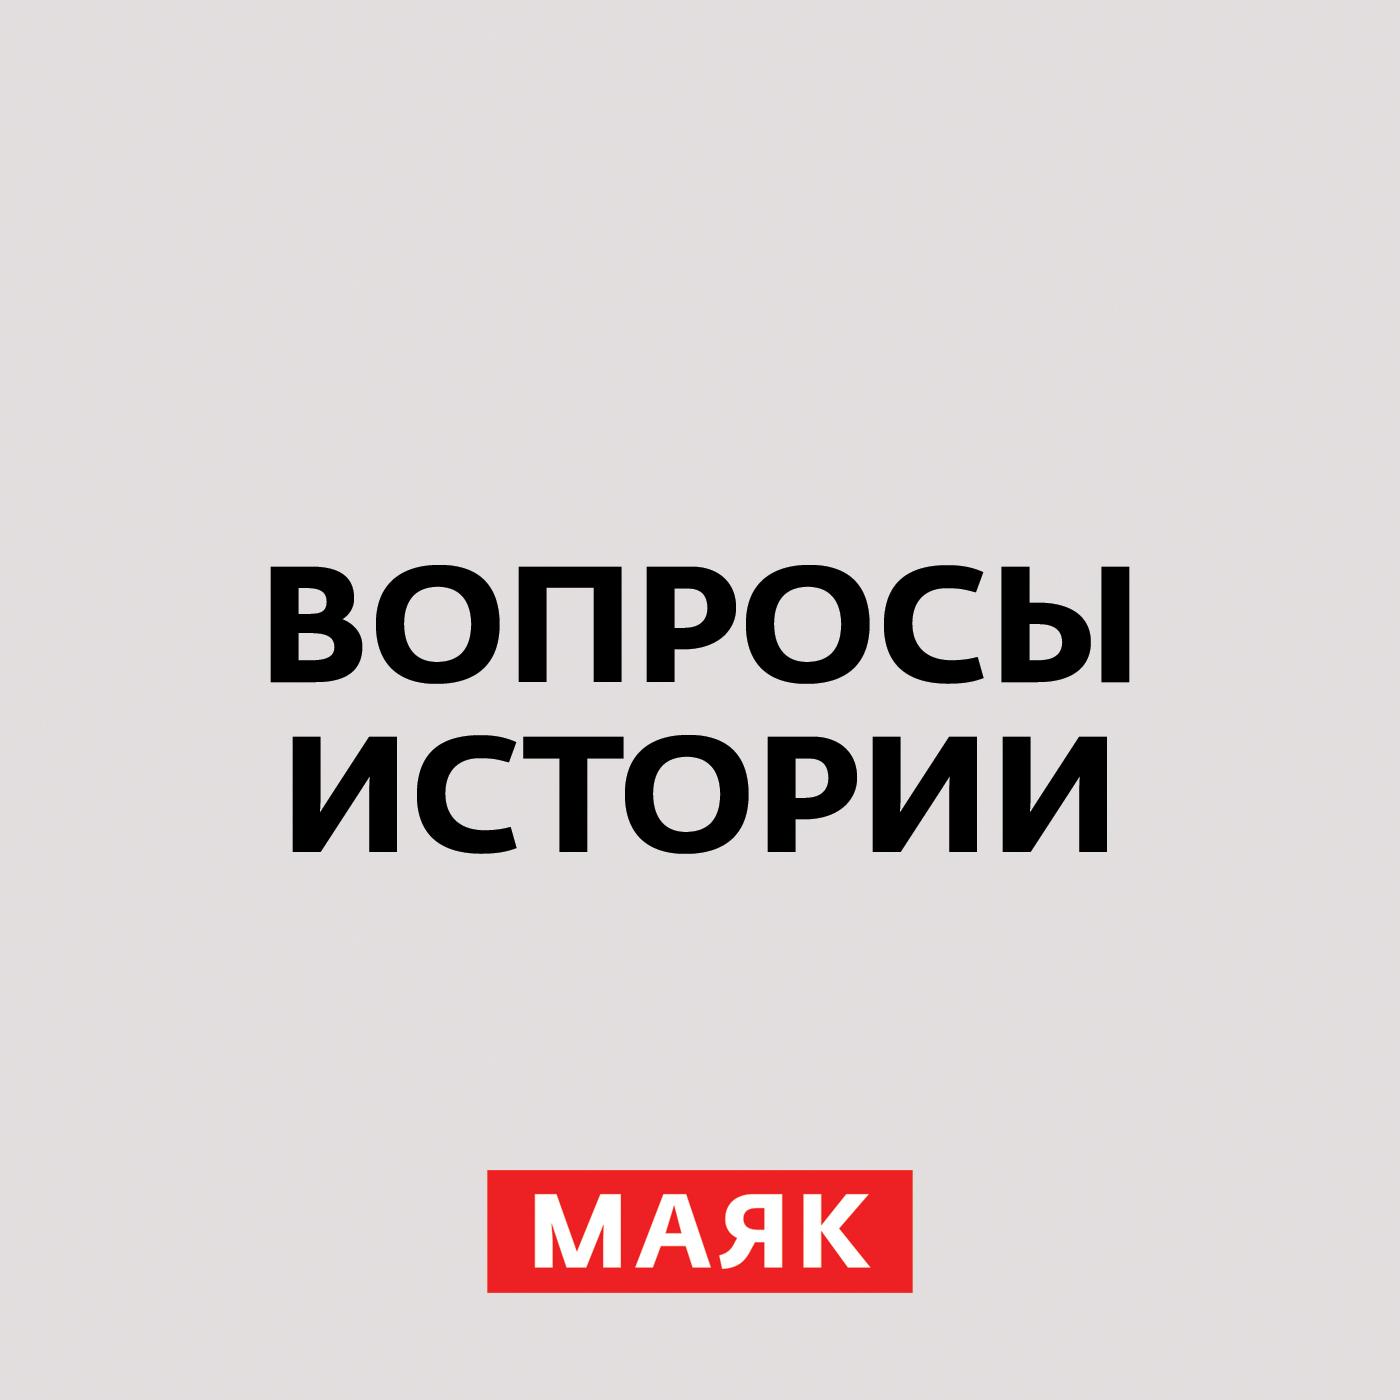 Андрей Светенко Николай II издал не сухой, а полусухой закон андрей гордиенко командиры второй мировой войны часть ii